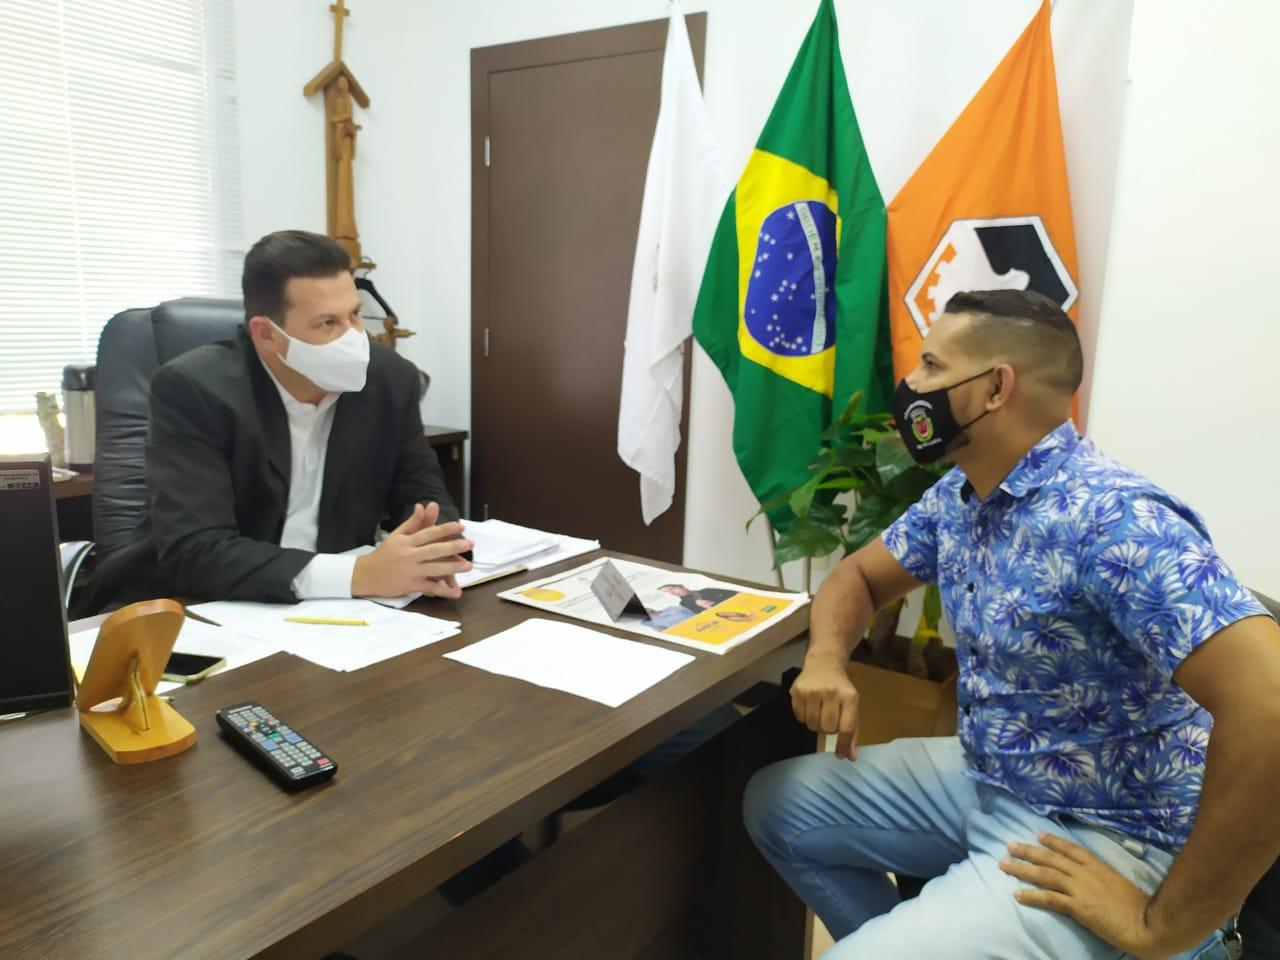 Presidente do Legislativo de Pitangui visita Câmara Municipal de Divinópolis